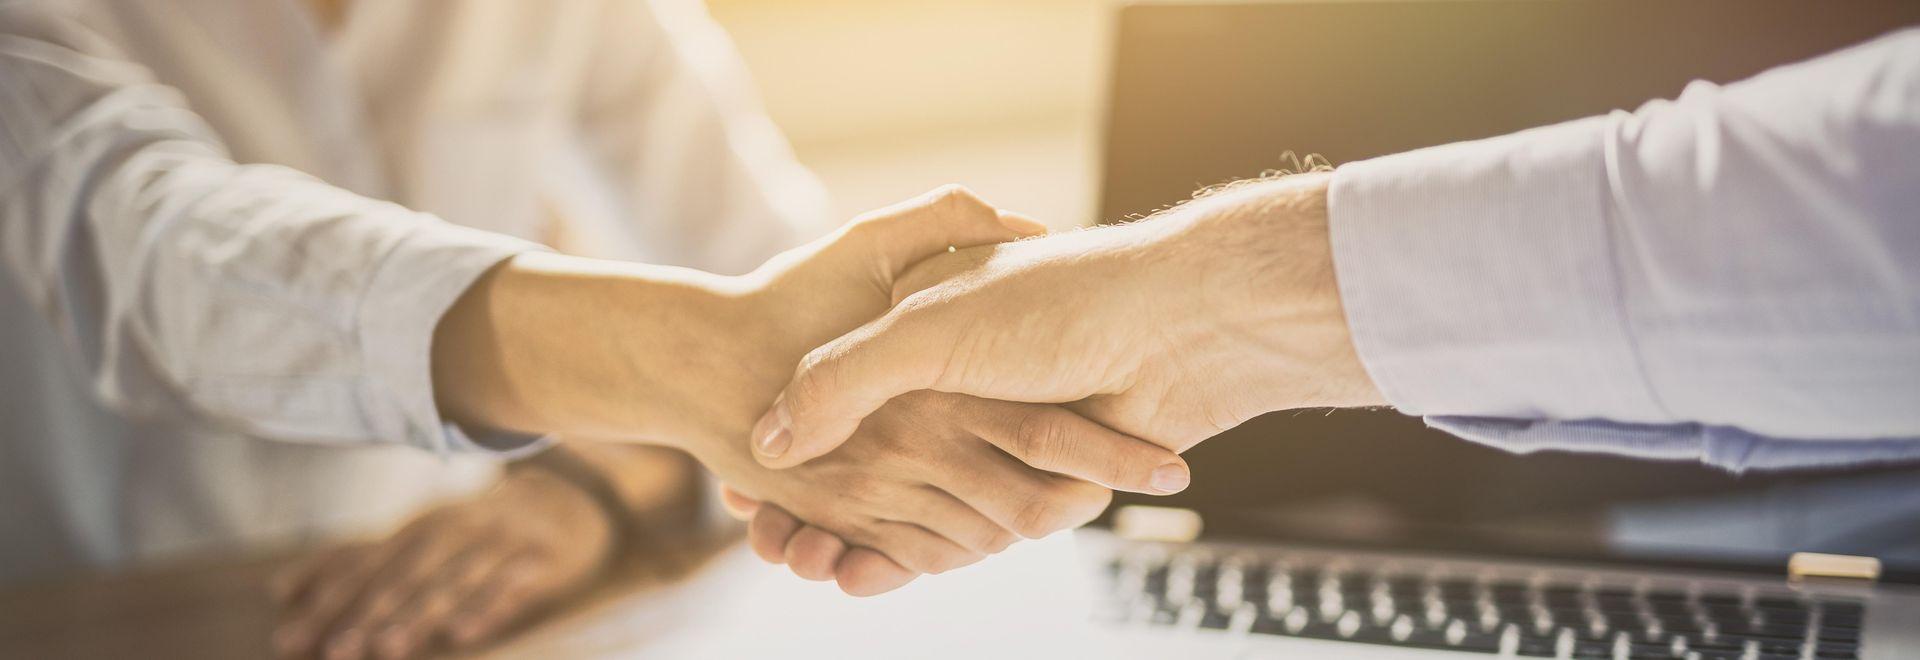 Durch ein erprobtes und etabliertes Konzept gemeinsam mehr erreichen und Synergien nutzen